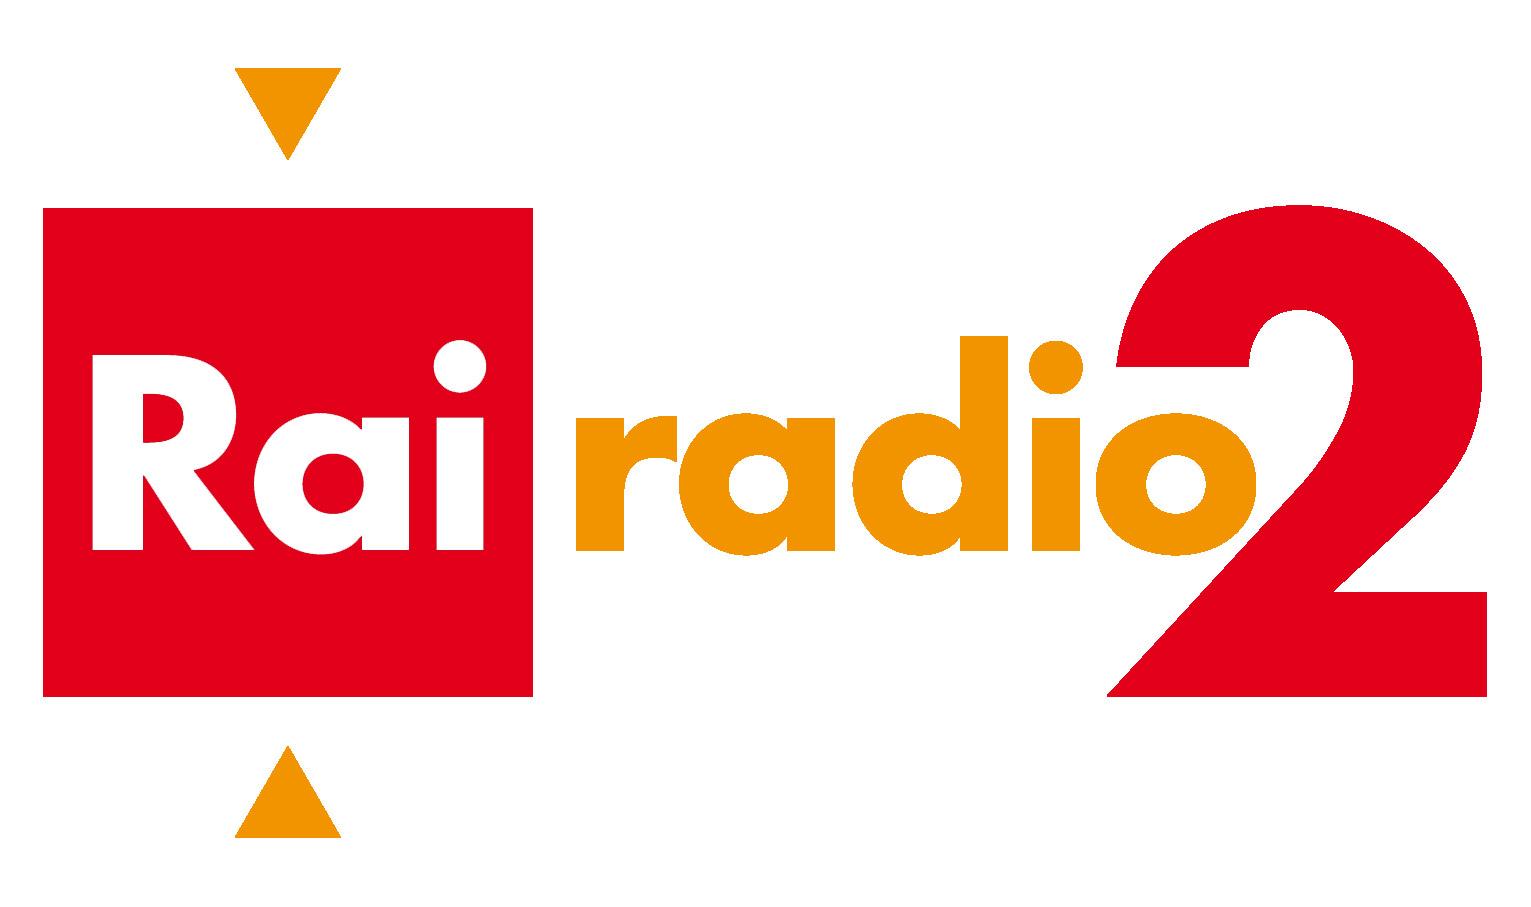 Rairadio2